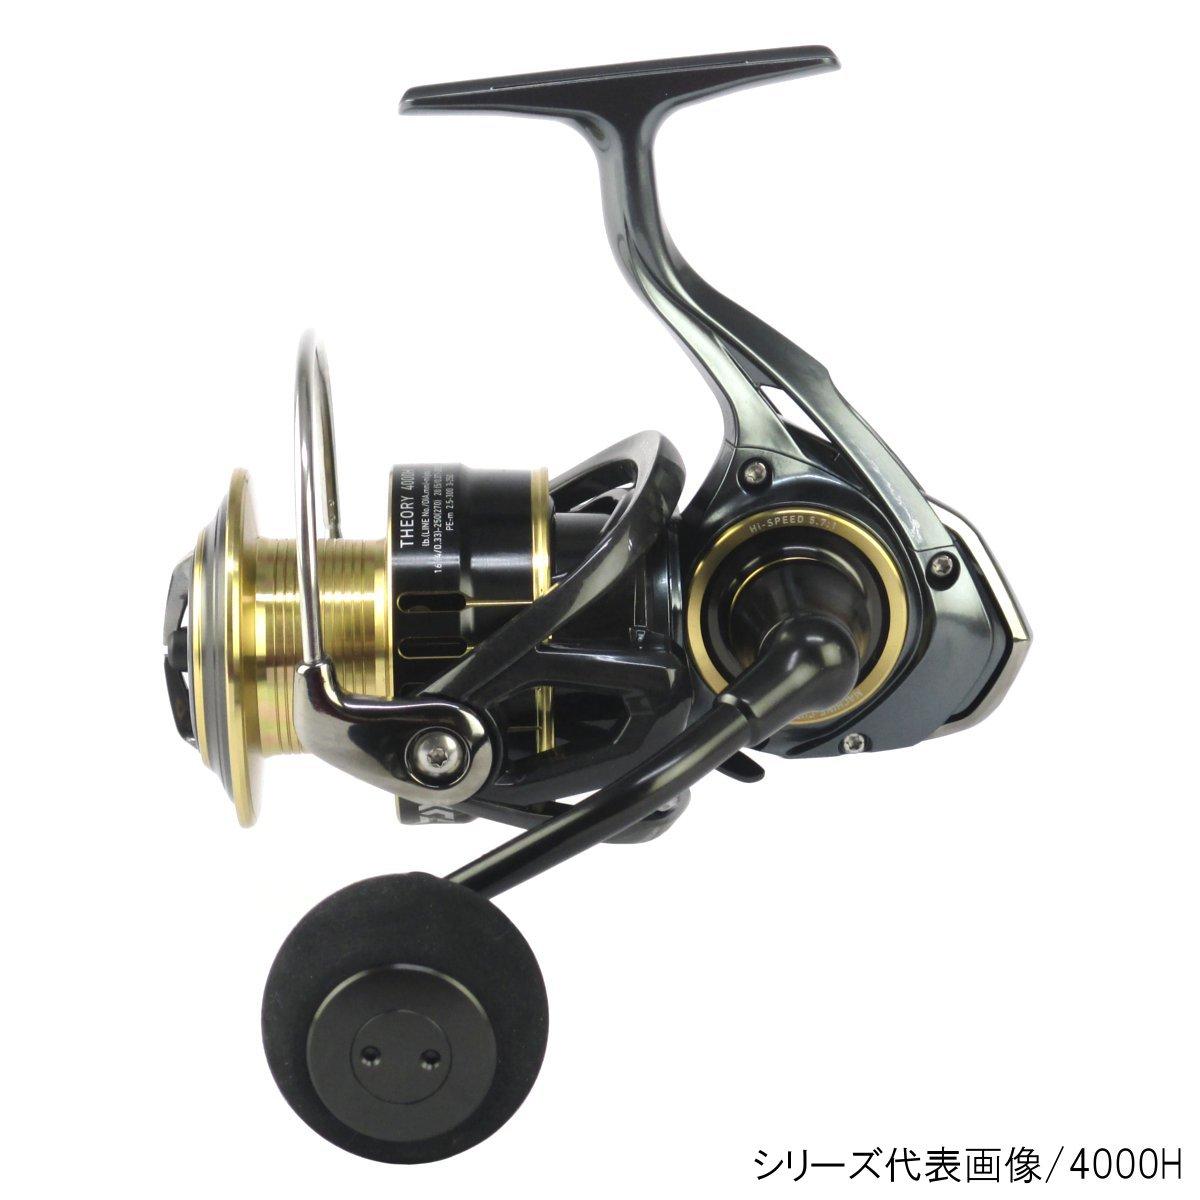 ダイワ セオリー 3500PE-H【送料無料】